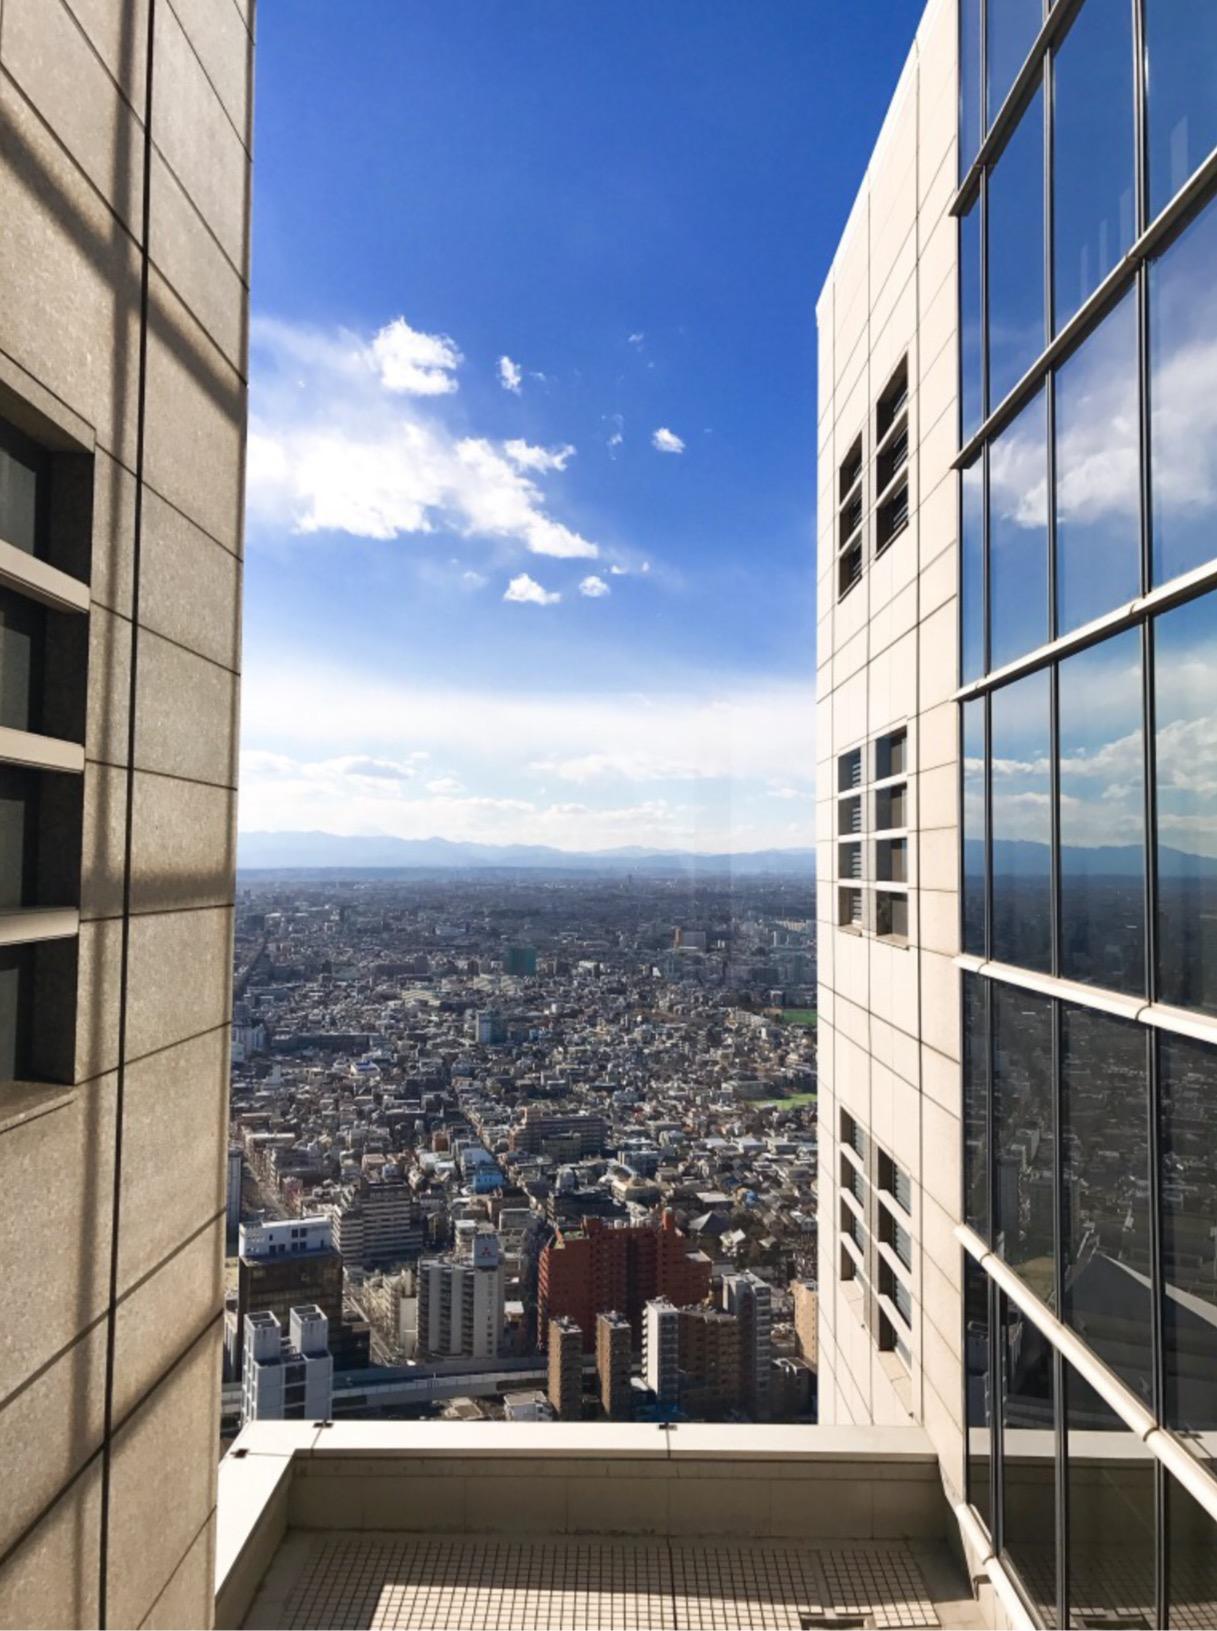 ジランドール-パークハイアット東京-おすすめランチ-メニュー-144